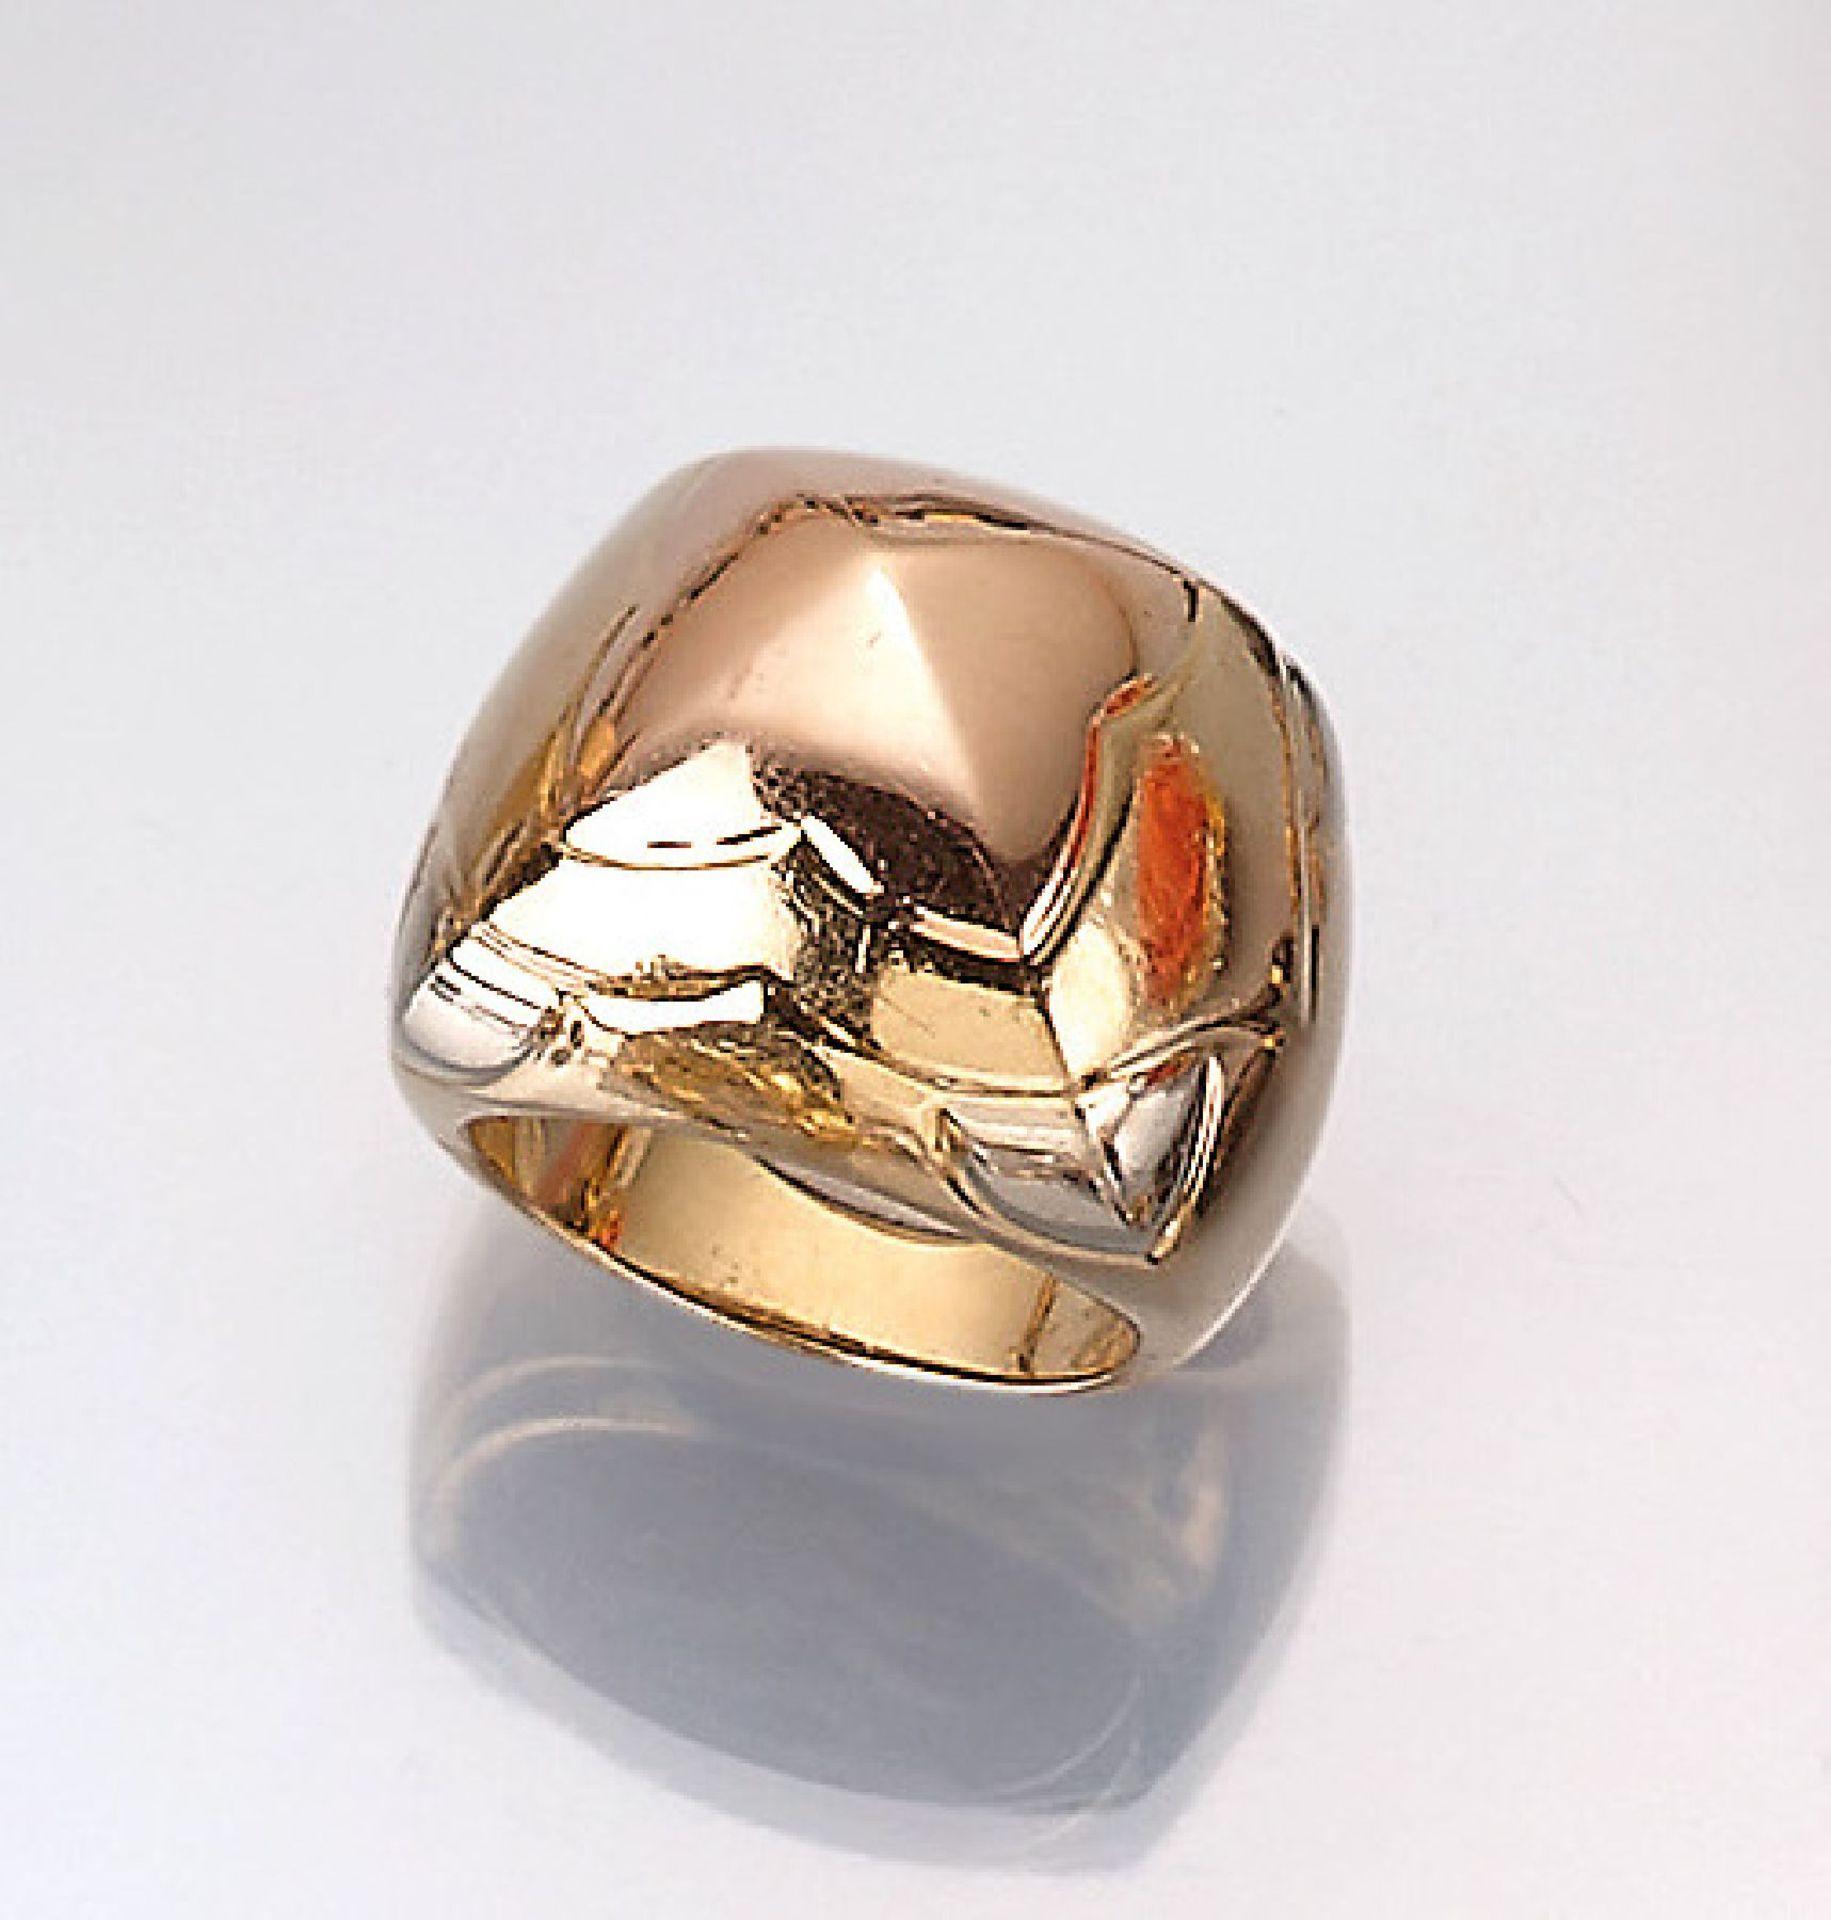 """Los 61503 - 18 kt gold BULGARI ring , """"Pyramid"""", YG/RG/WG 750/000, signed, ringsize 5018 kt Gold BULGARI"""